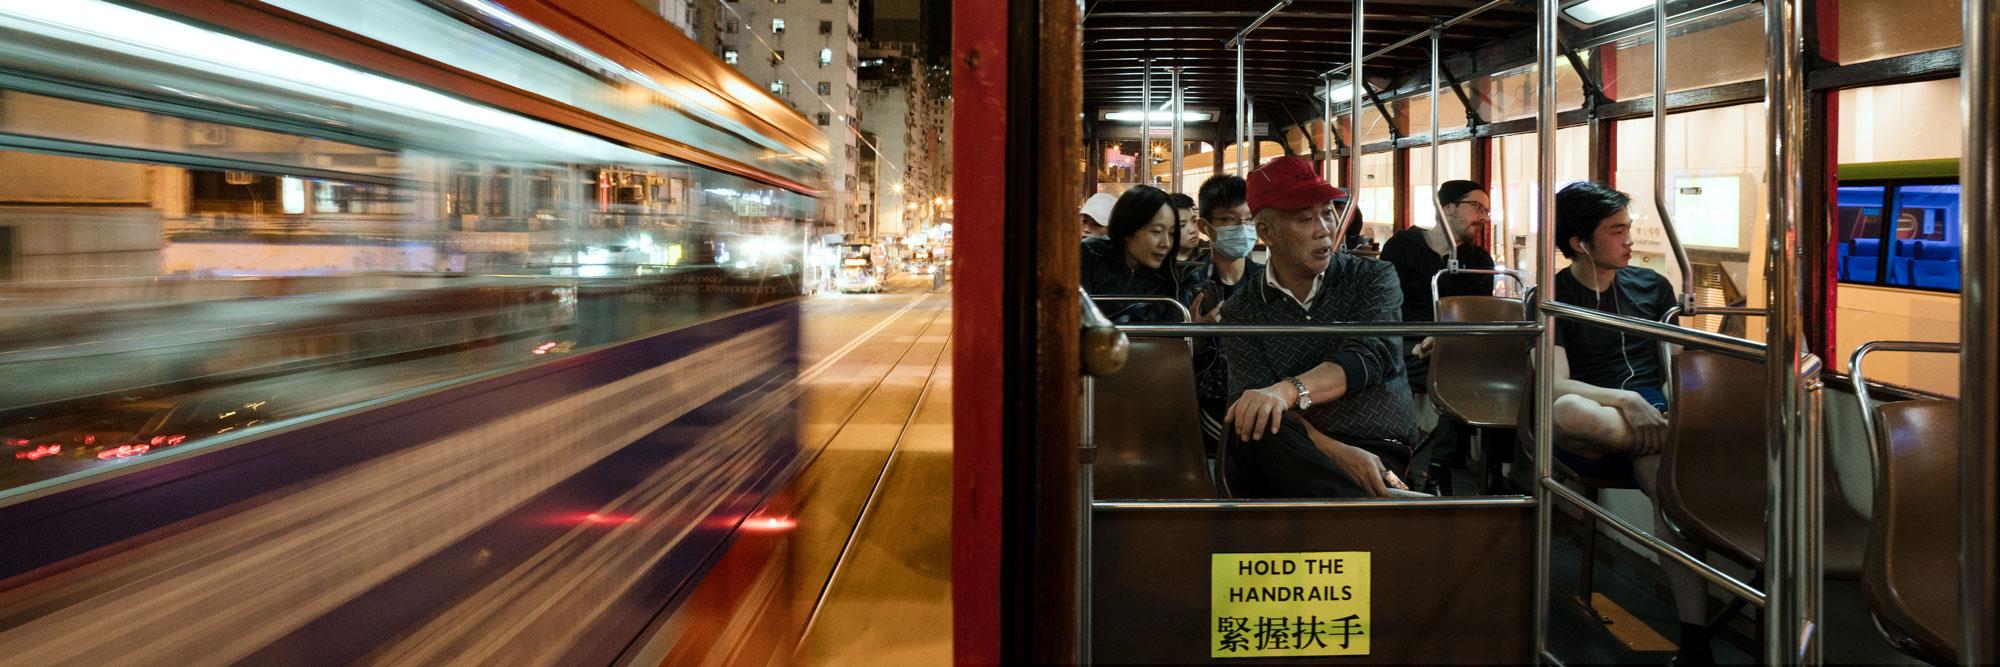 Scene on a Hong Kong tram a night